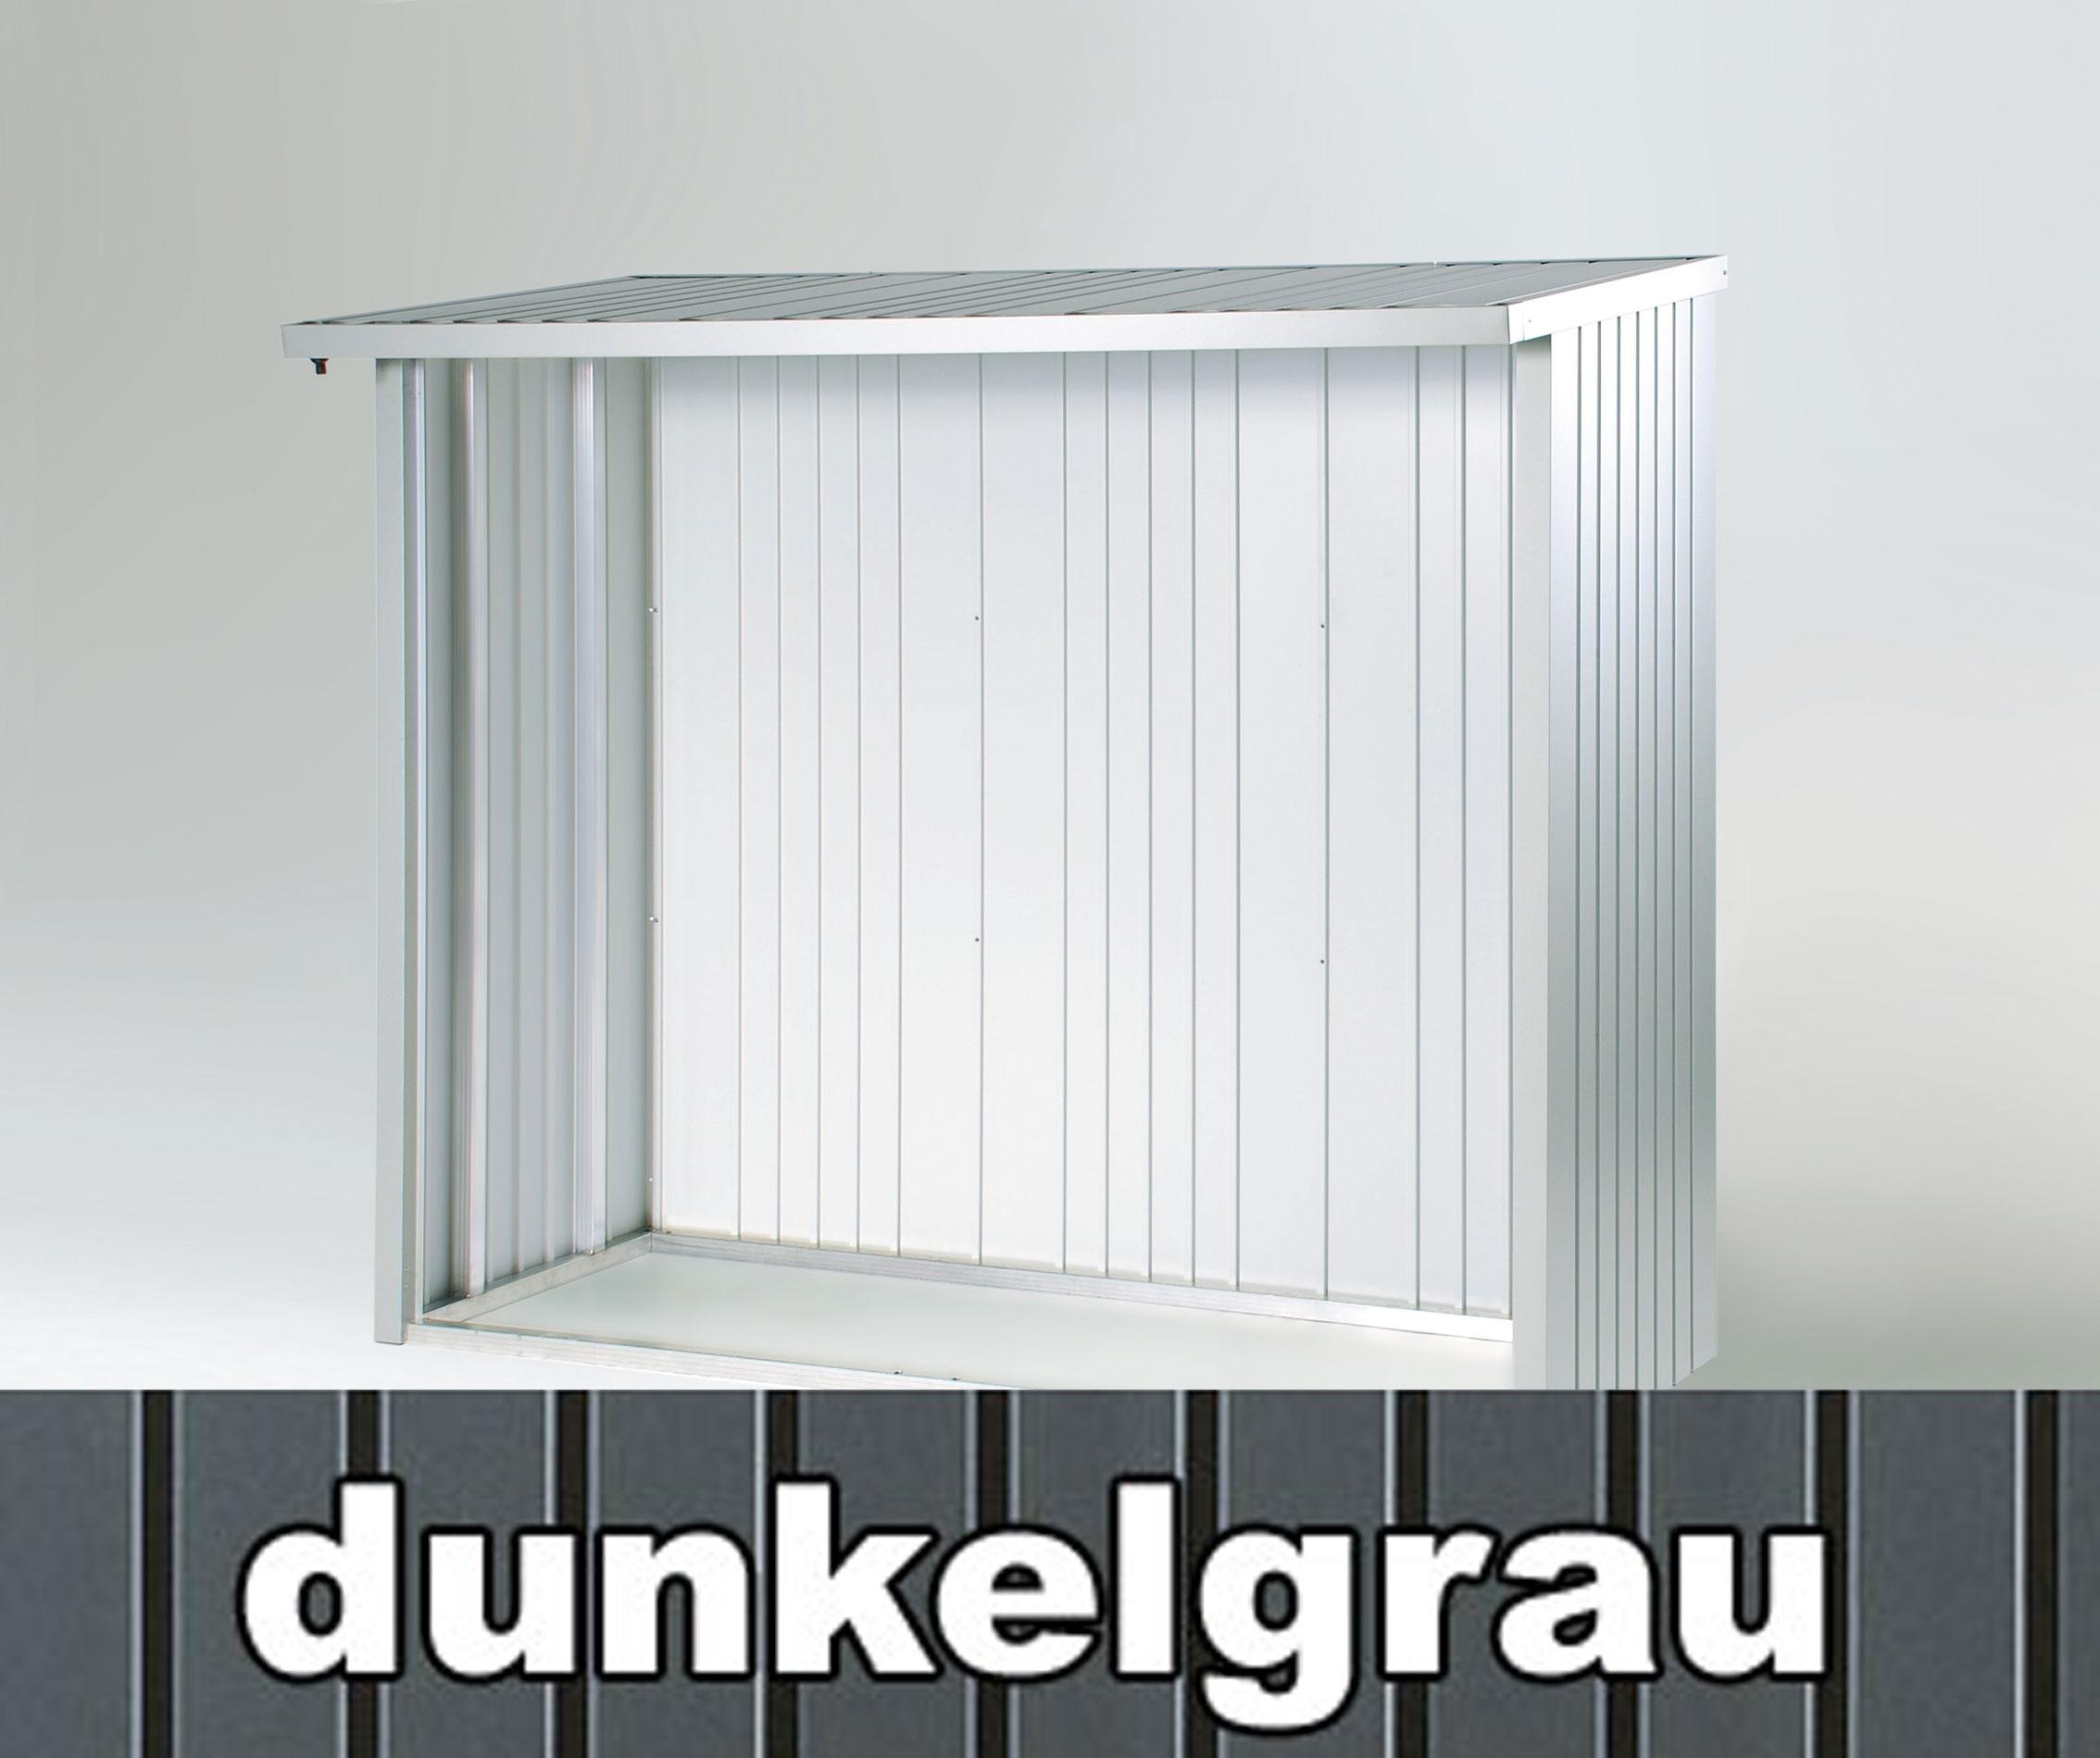 Rückwand Biohort Kaminholzregal / Geräteschrank Woodstock 230 d-grau Bild 2